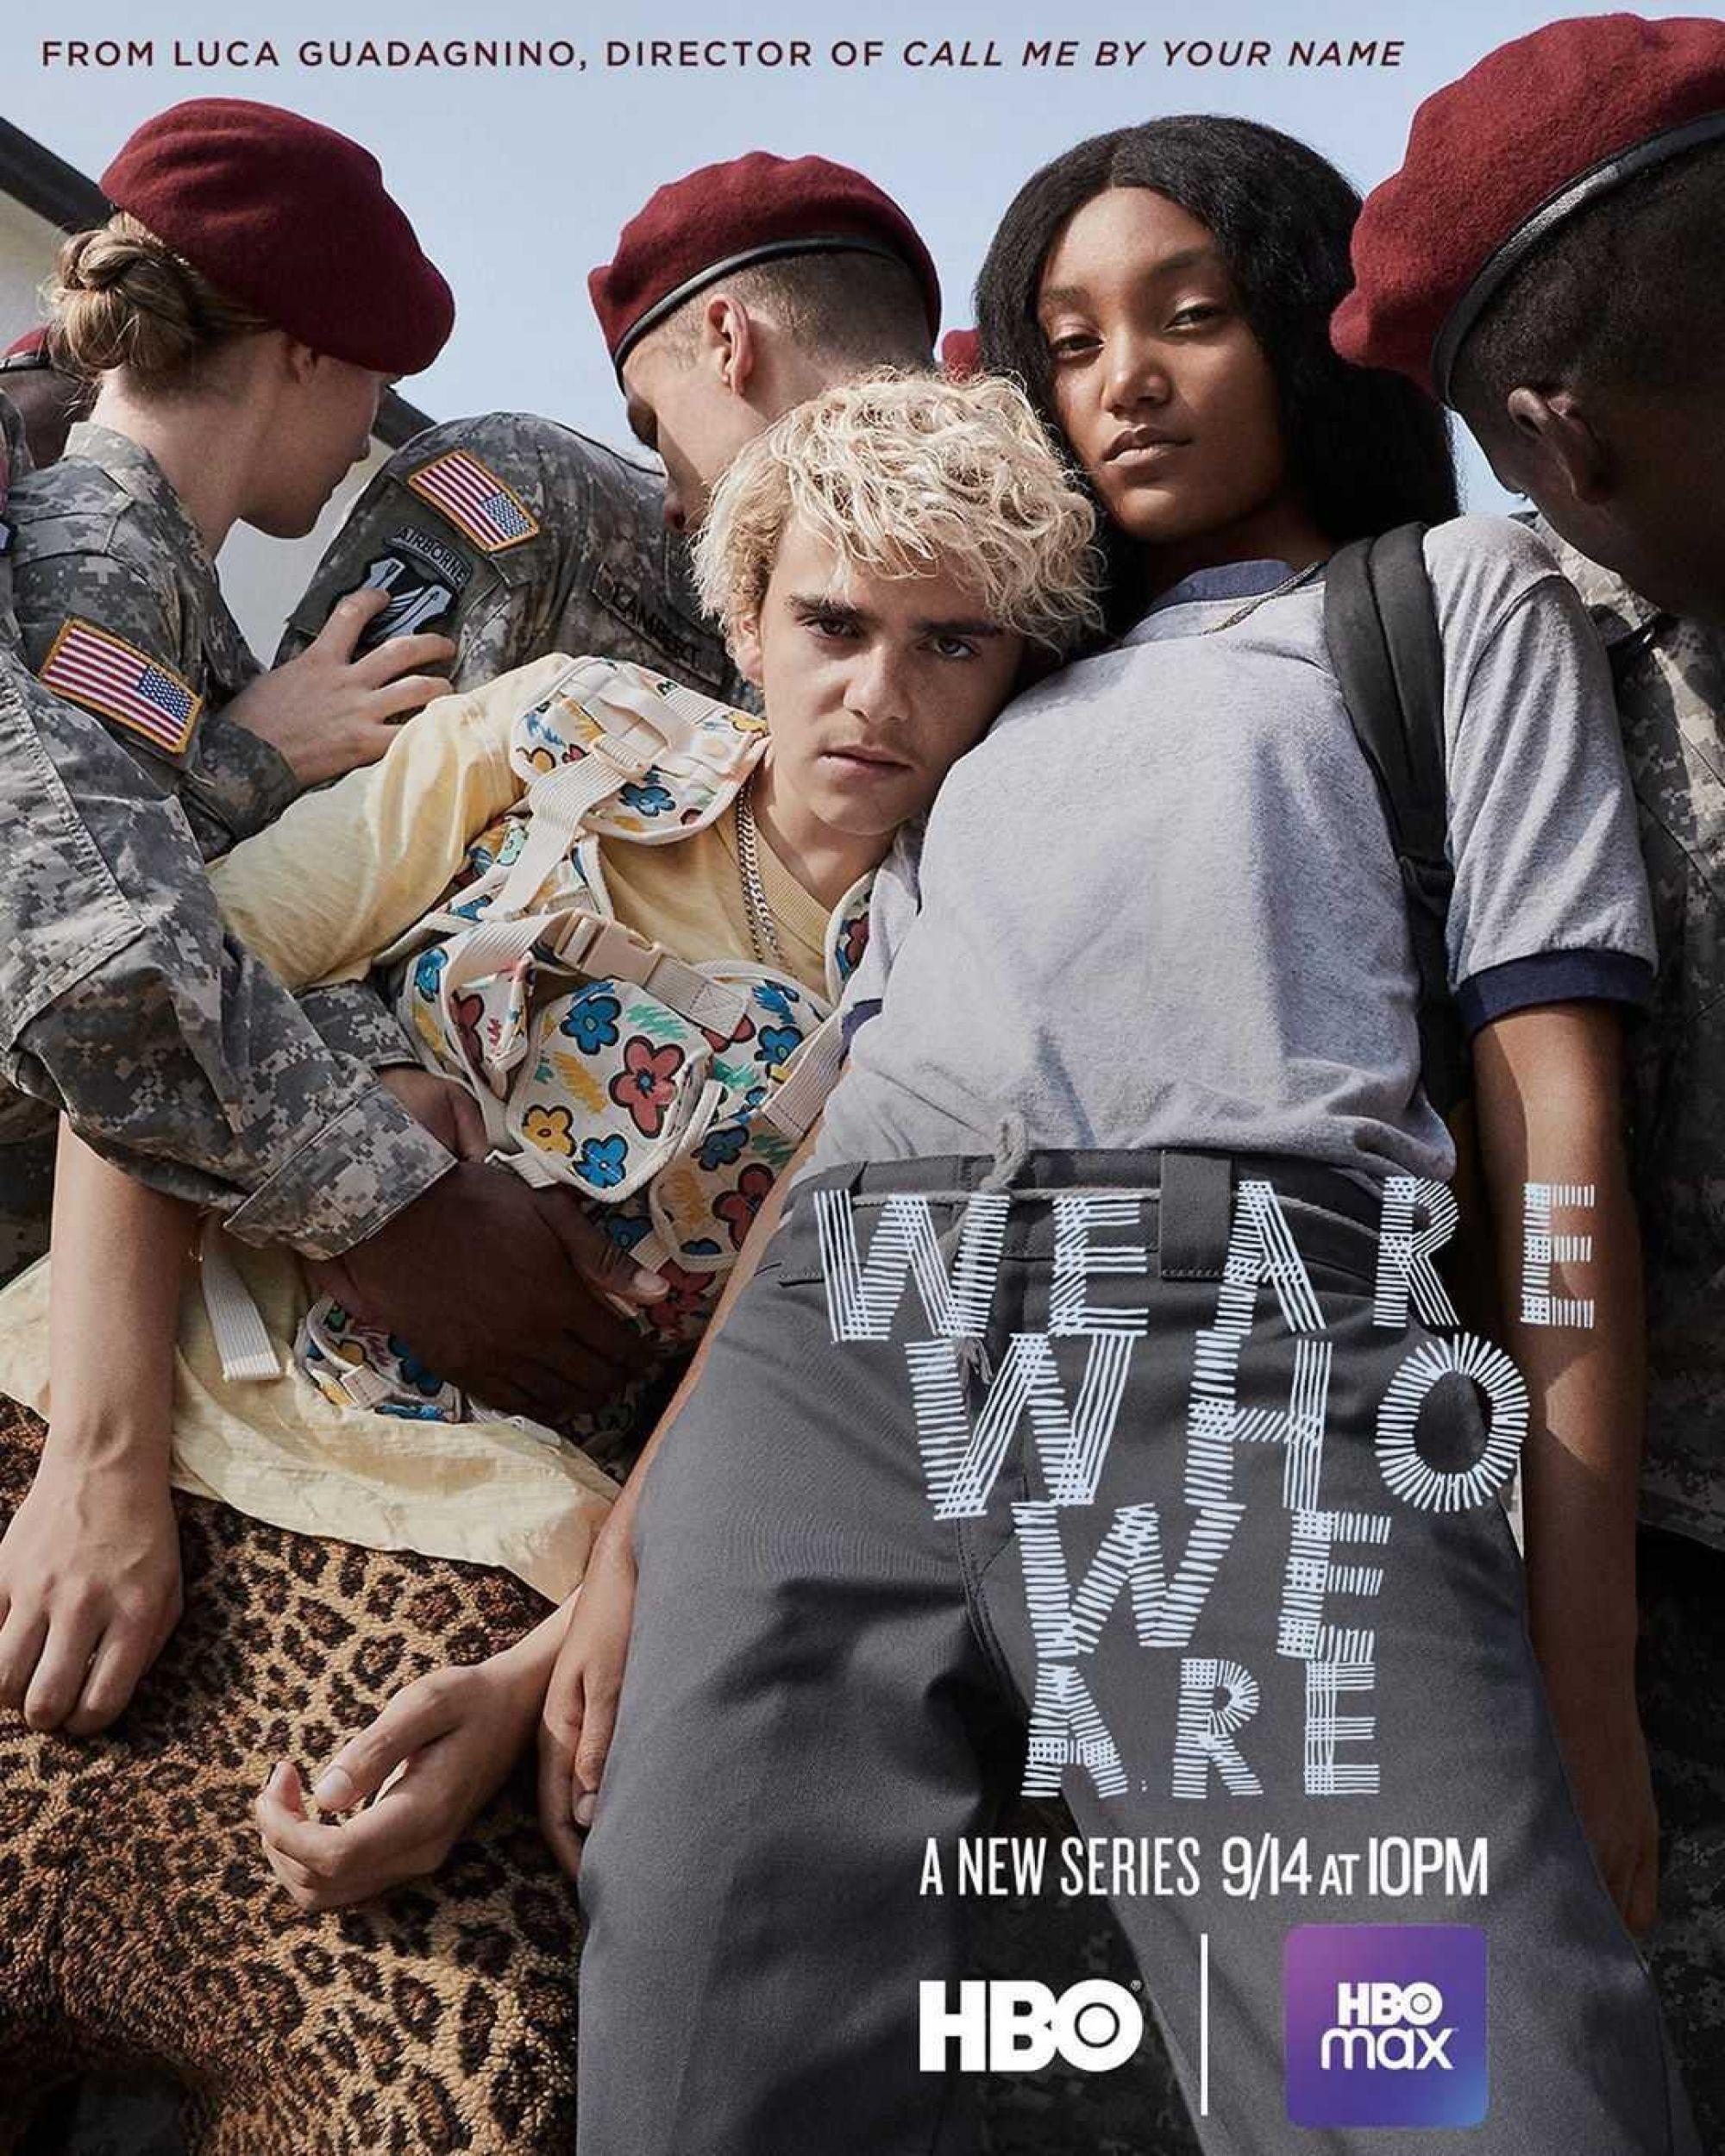 HBO презентовал полноценный трейлер сериала «Мы те, кто мы есть»